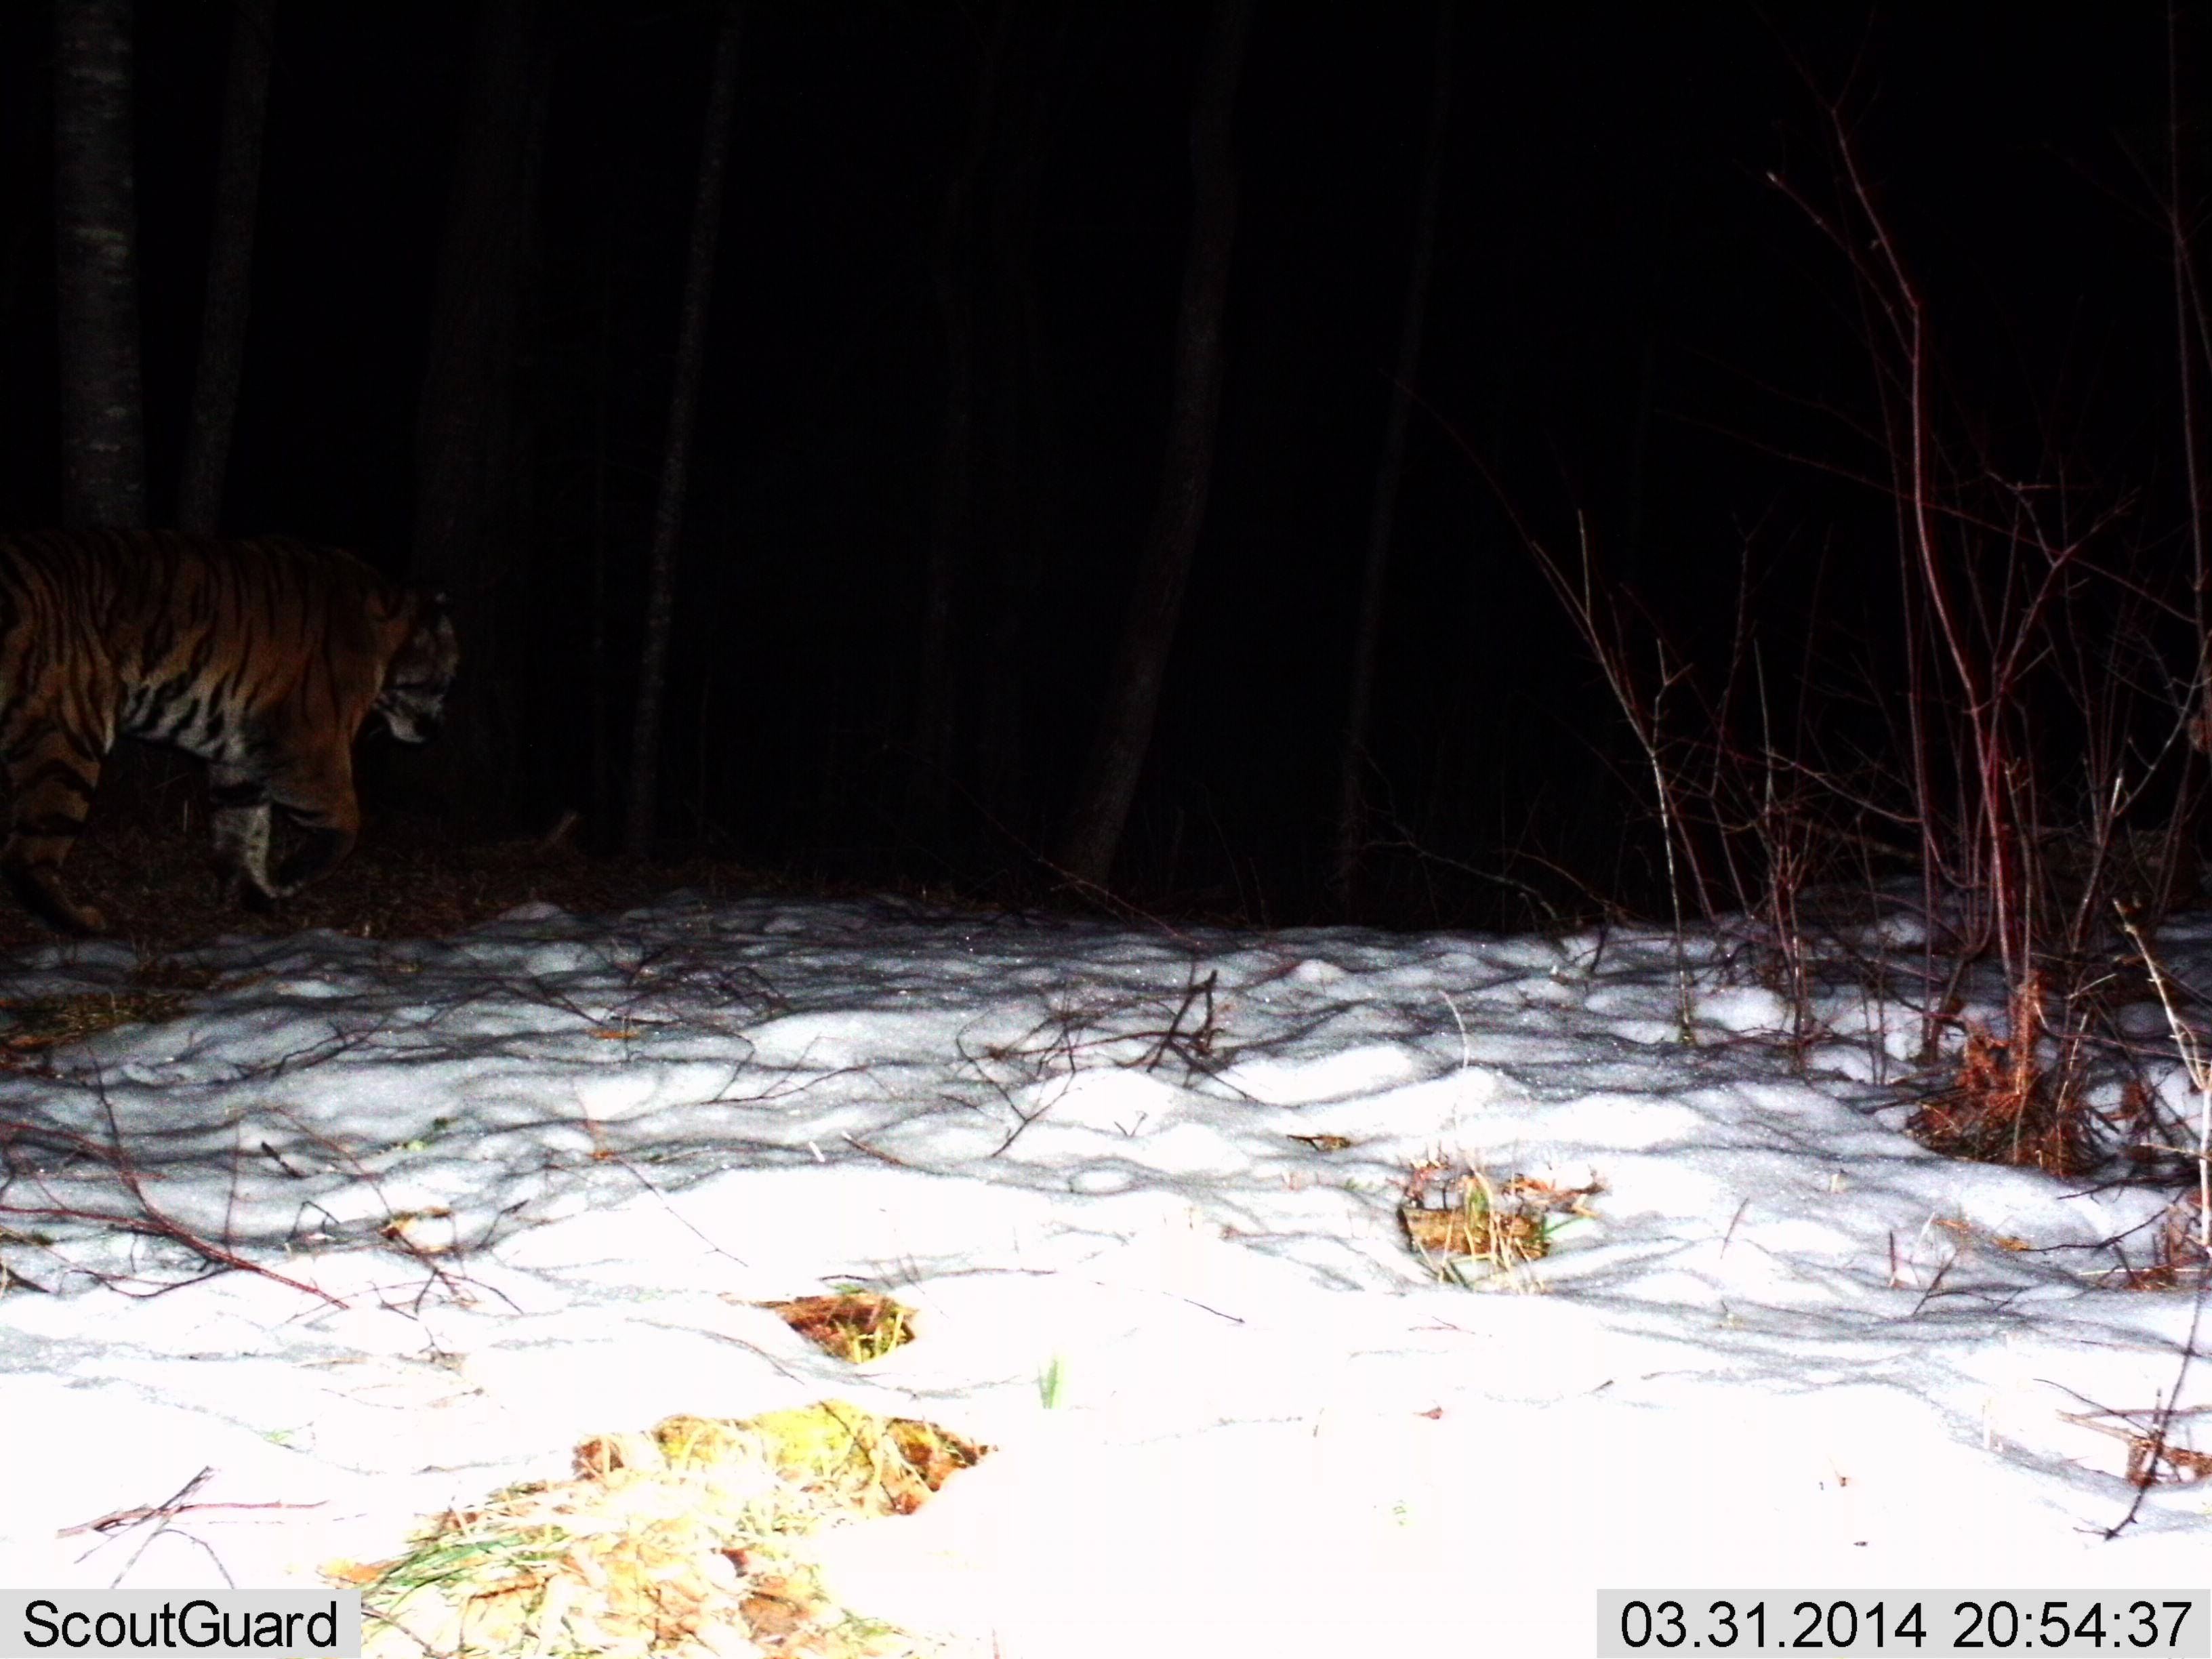 图为红外相机拍摄到的东北虎。组图由黑龙江老爷岭东北虎国家级自然保护区管理局提供。